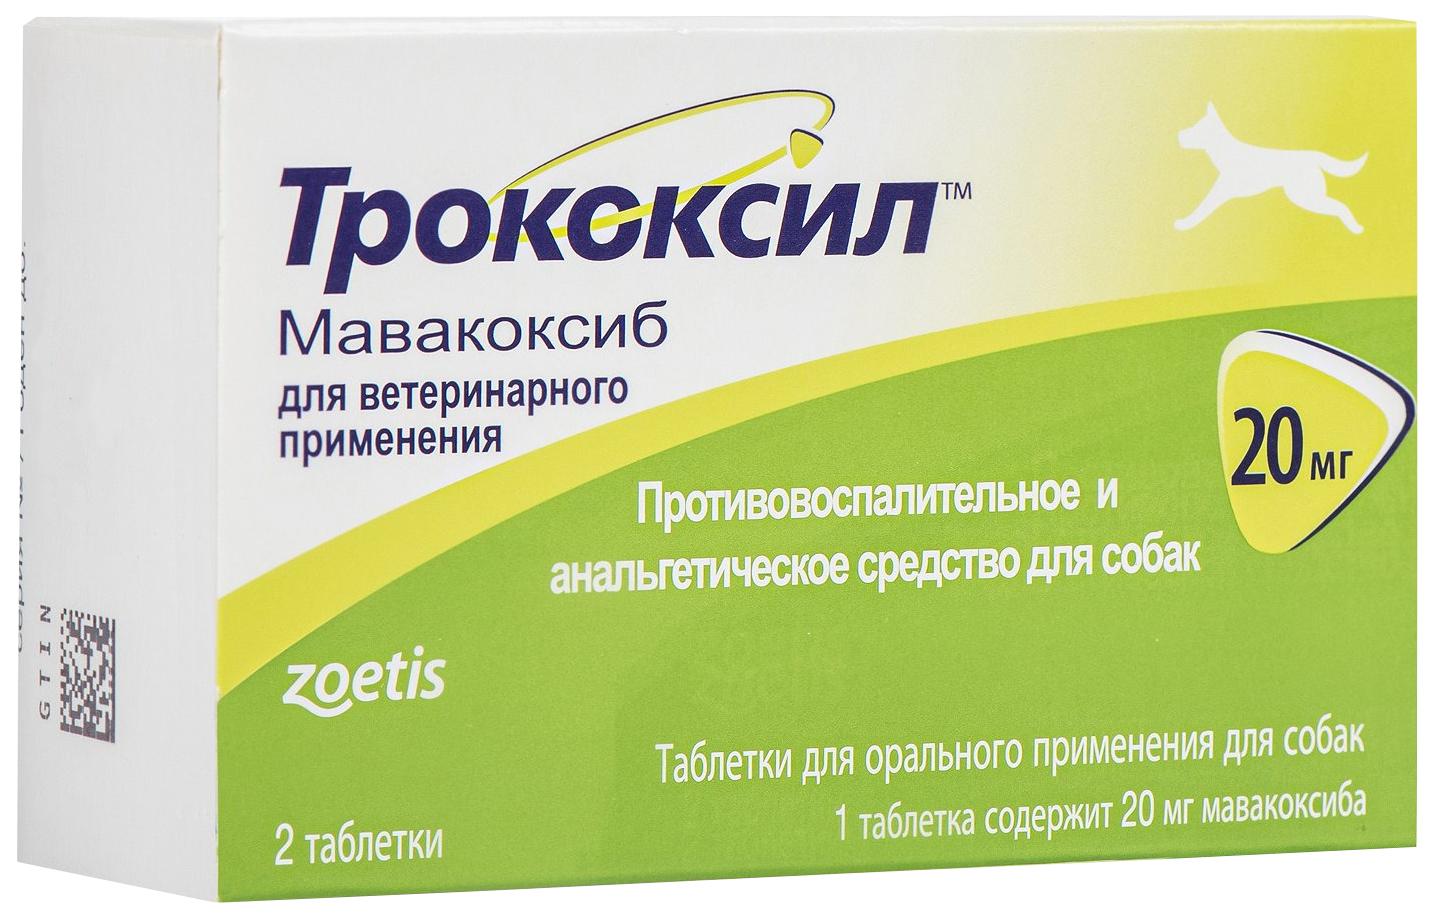 Препарат для собак ZOETIS Трококсил противовоспалительное средство